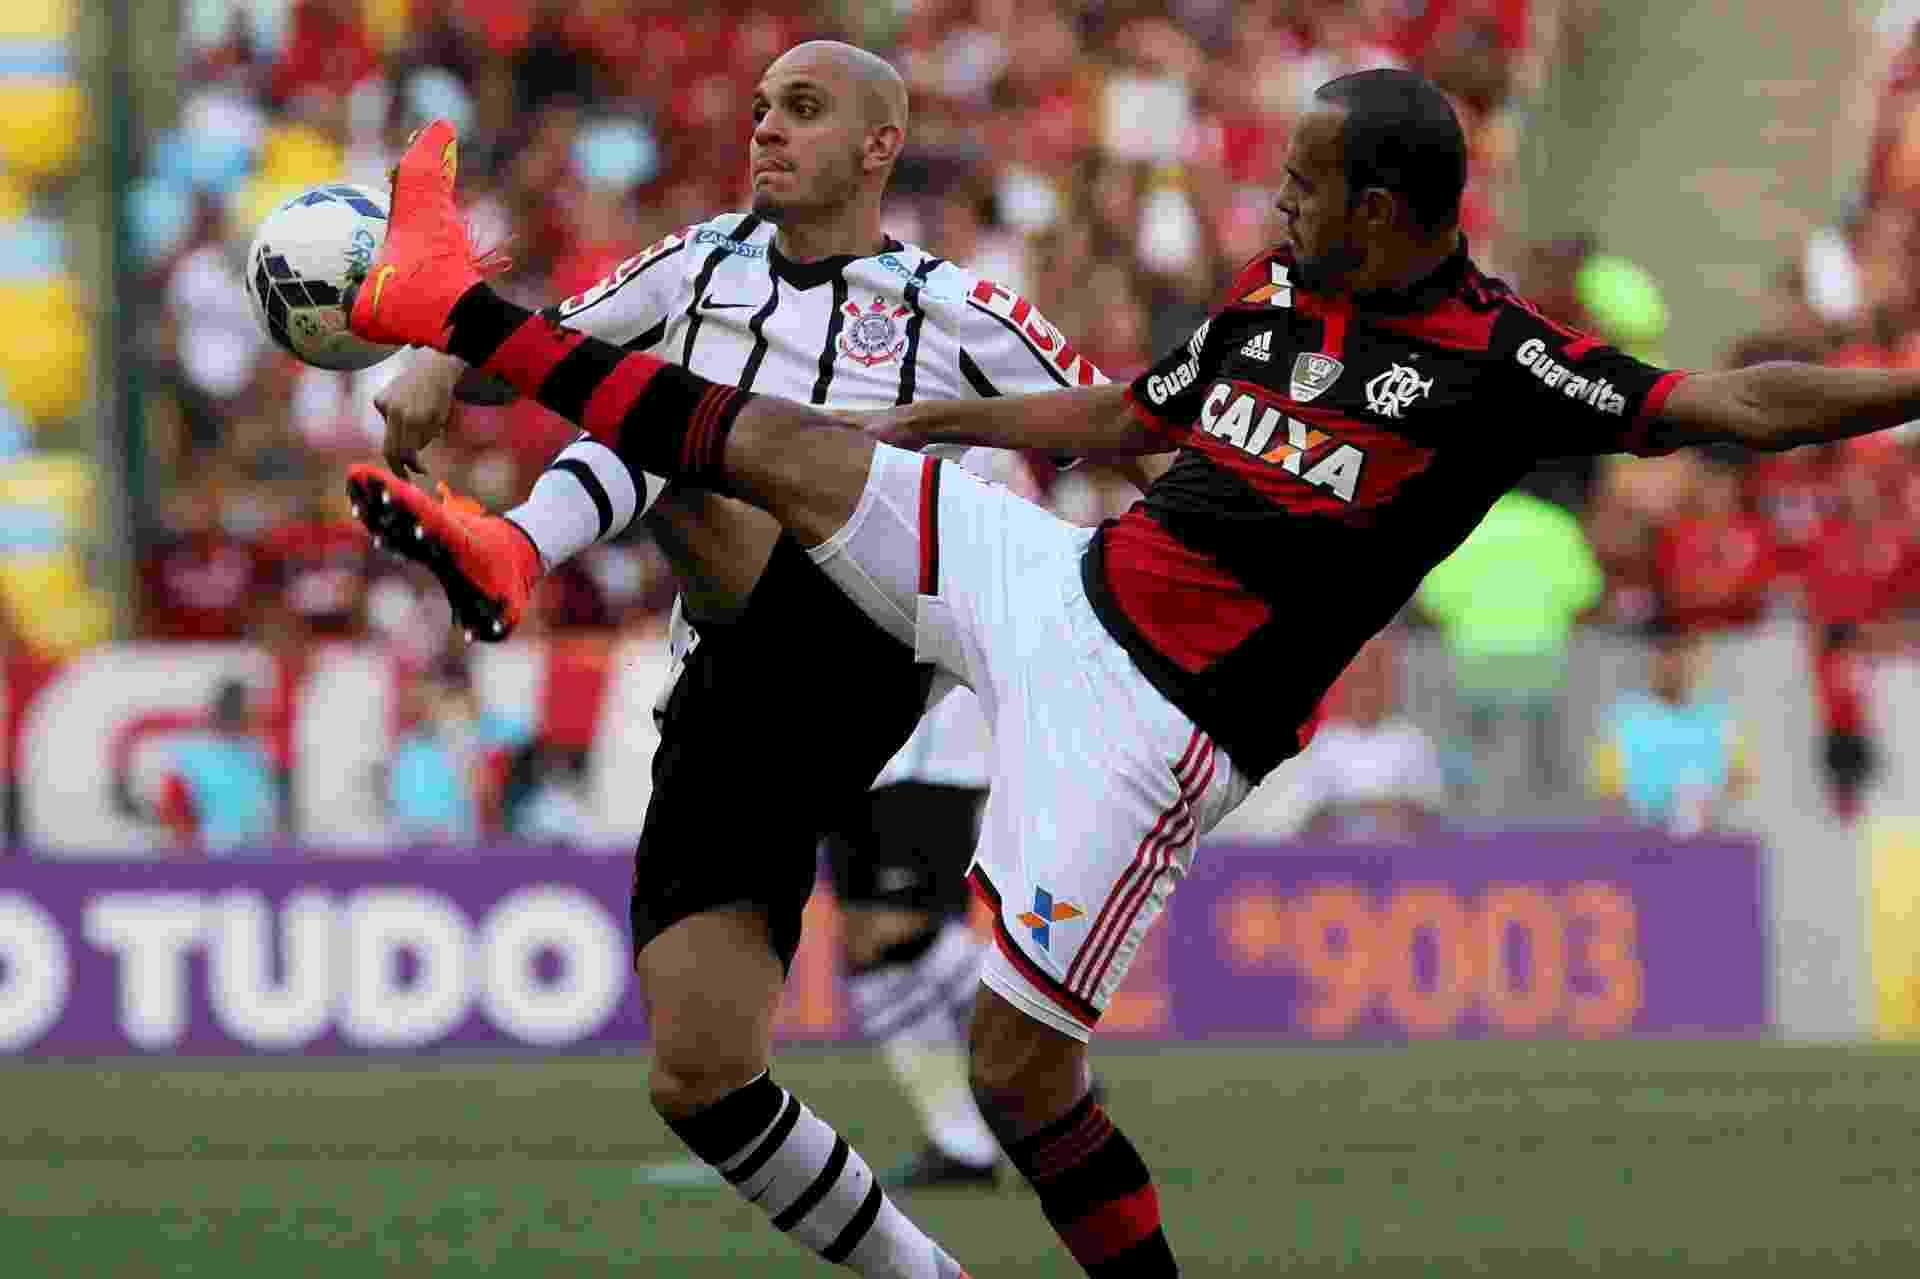 6b01fdbff8 Fotos  Flamengo x Corinthians pelo Brasileiro - 14 09 2014 - UOL Esporte